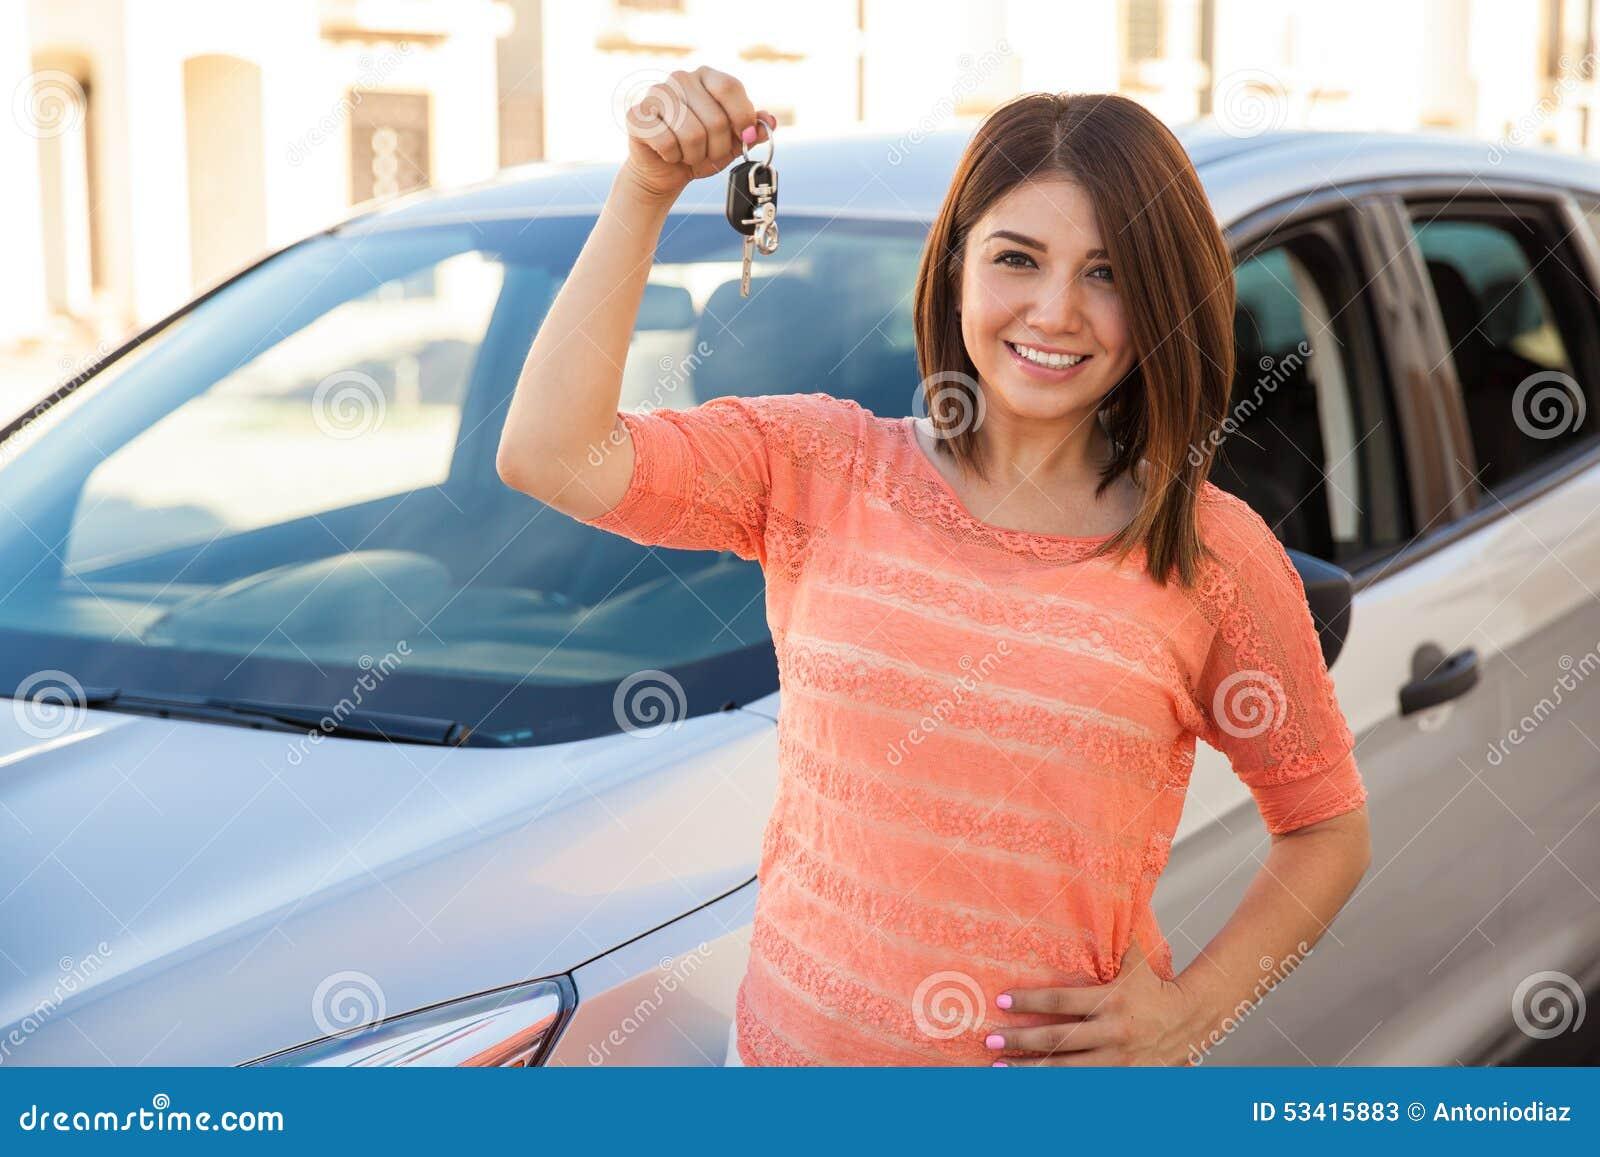 achet une voiture il ach te une voiture d 39 occasion et d couvre qu 39 elle a km de plus qu. Black Bedroom Furniture Sets. Home Design Ideas